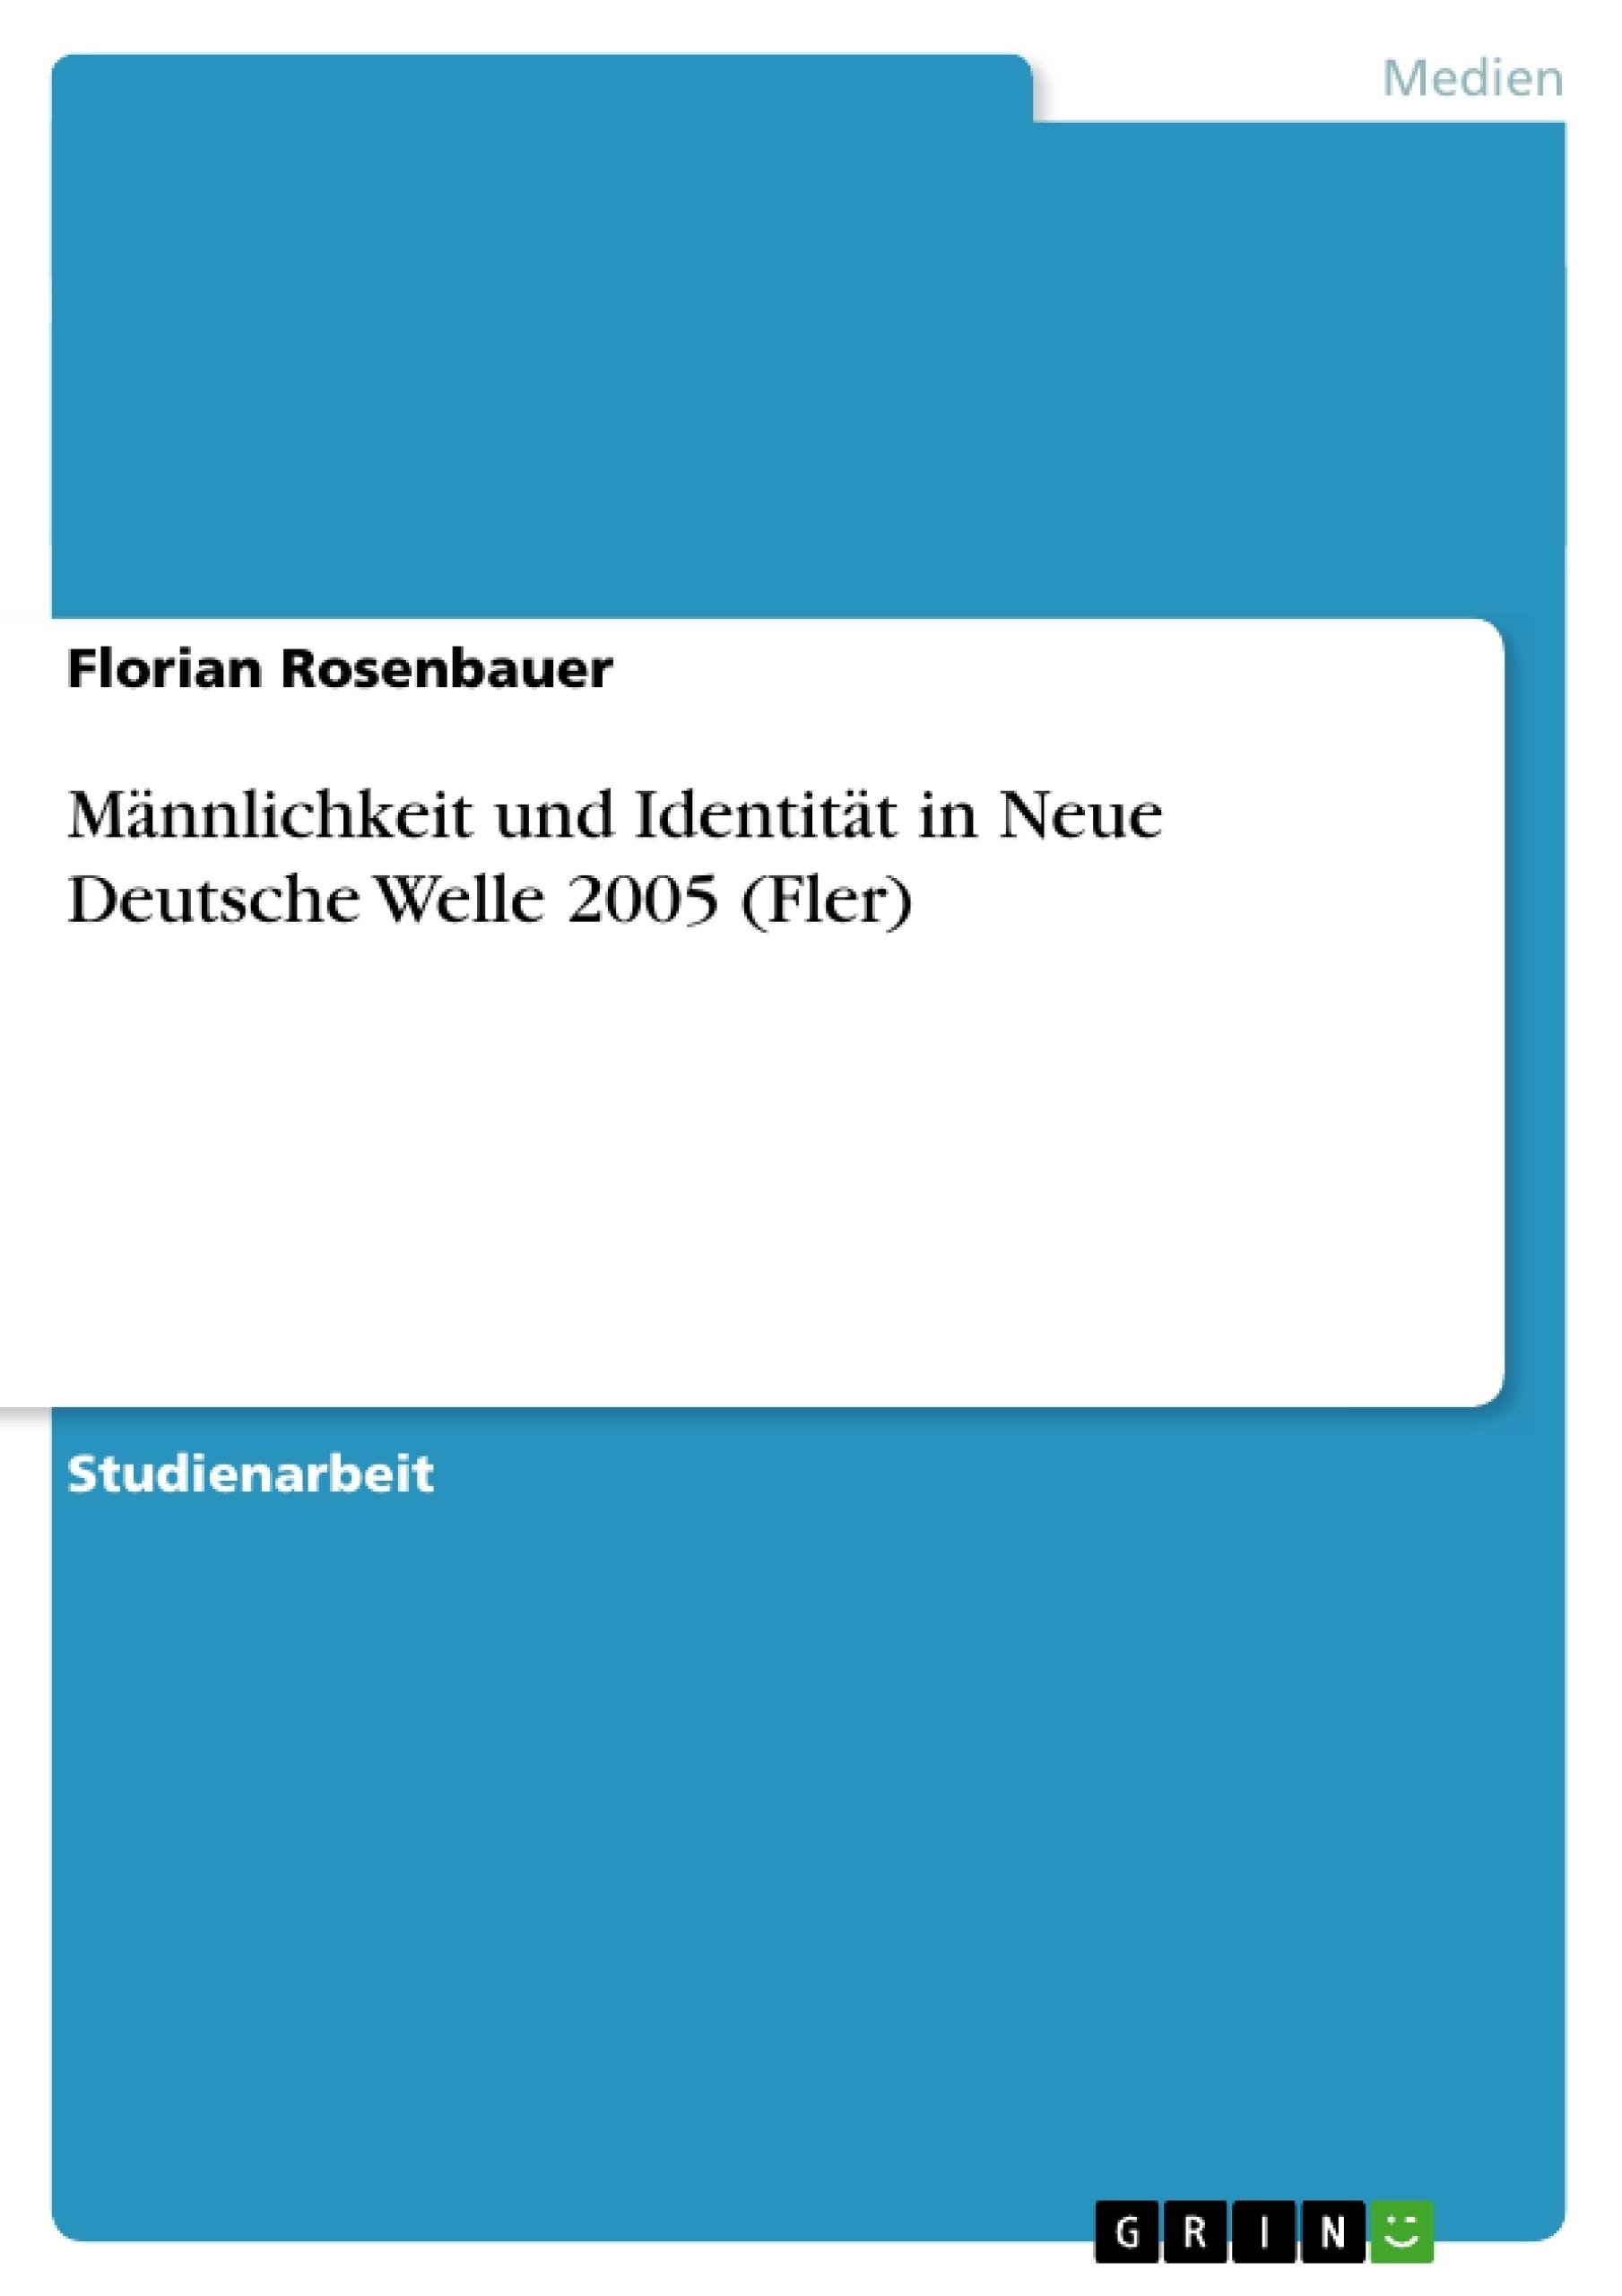 Titel: Männlichkeit und Identität in Neue Deutsche Welle 2005 (Fler)